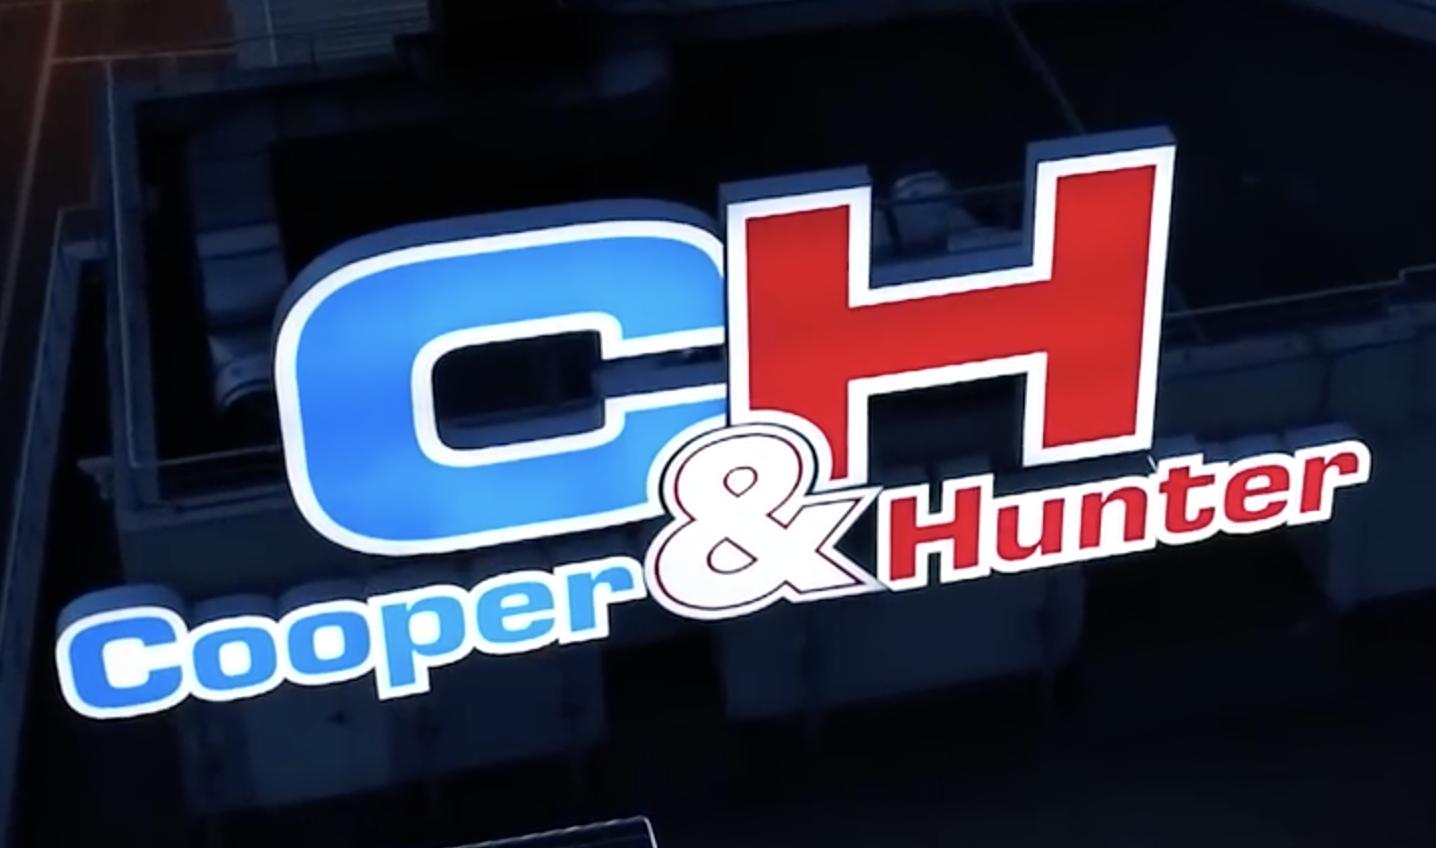 Купер Хантер (Cooper&Hunter) Украина - официальный сайт фирменного интернет-магазина Cooper-Hunter.dn.ua